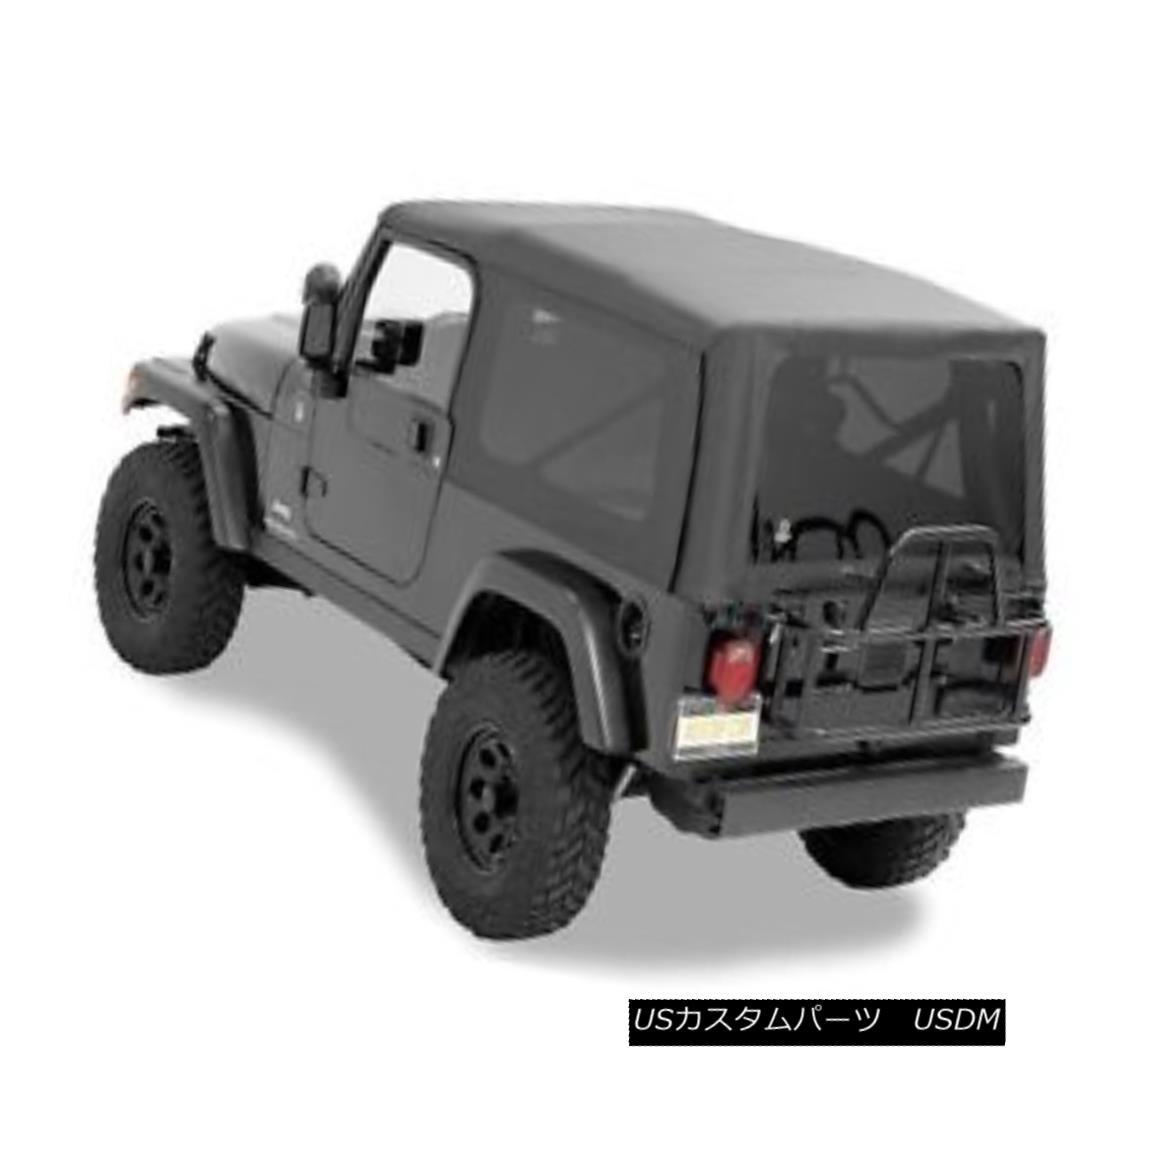 幌・ソフトトップ Bestop Supertop NX Complete Soft Top Black Diamond For Jeep Wrangler #54721-35 Bestop Supertop NX Completeソフトトップブラックダイヤモンドジープラングラー用#54721-35